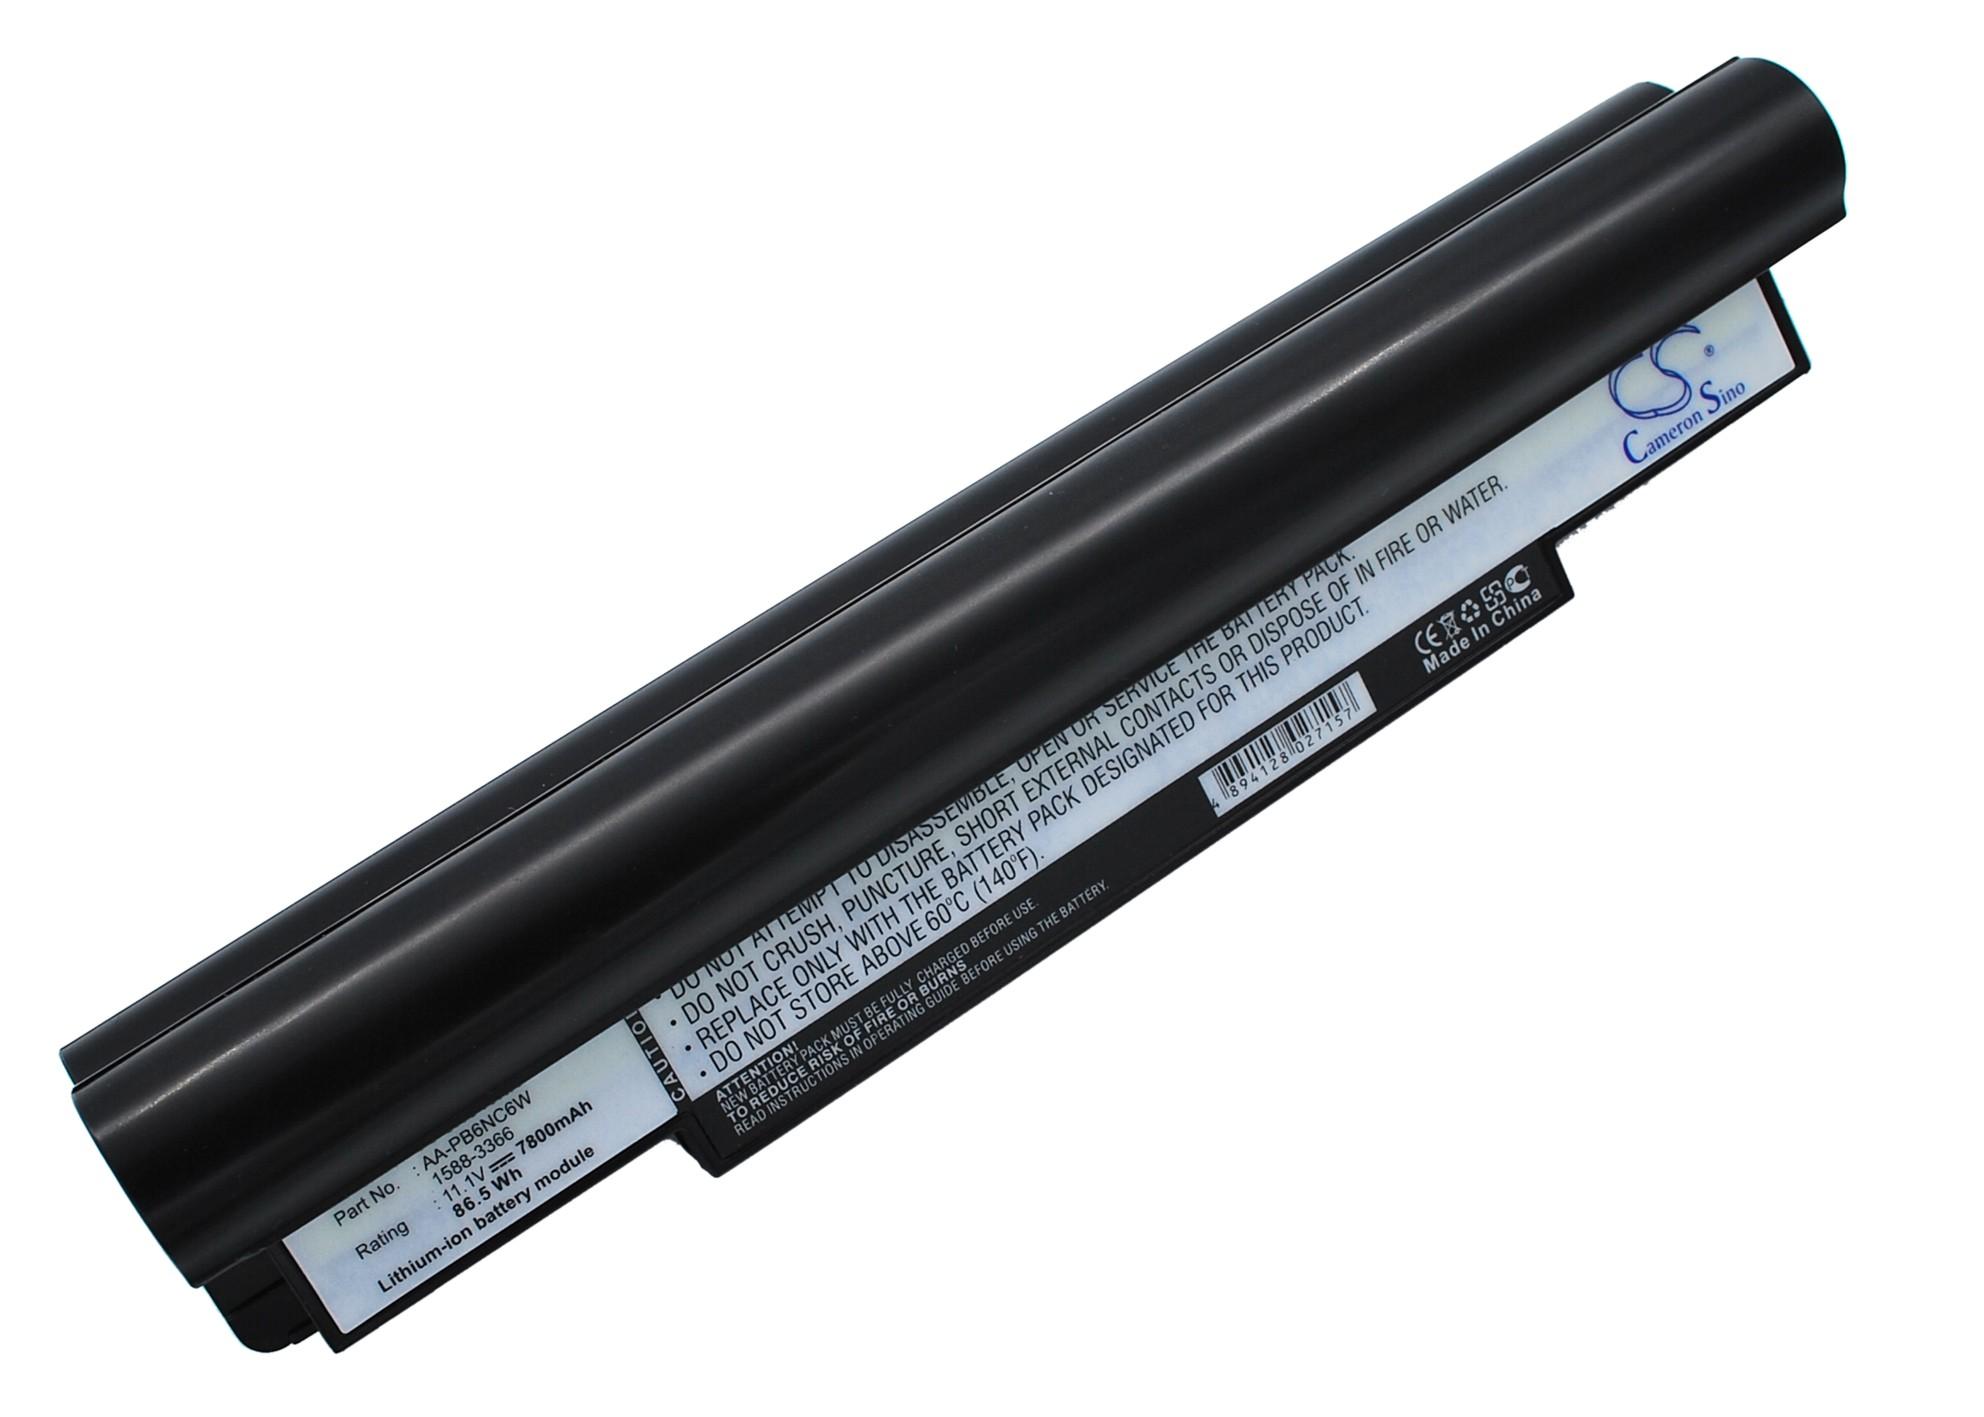 Cameron Sino baterie do notebooků pro SAMSUNG NP-NC10-KA02UK 11.1V Li-ion 7800mAh černá - neoriginální